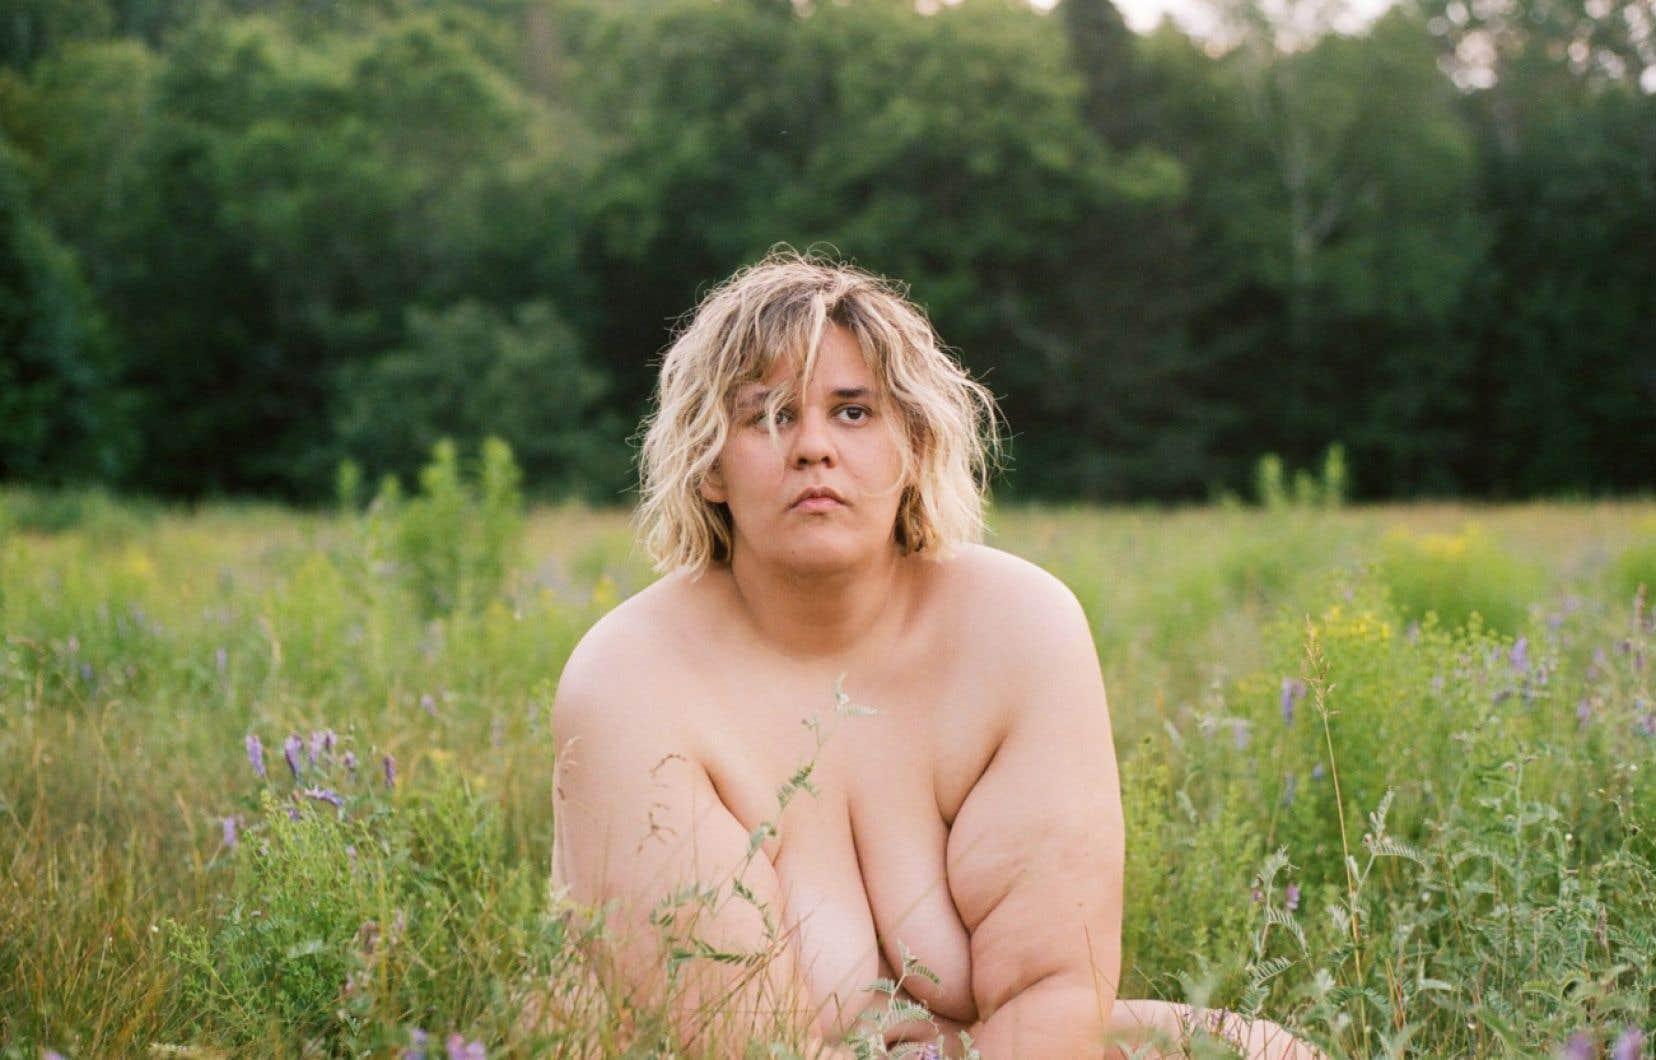 «Eh oui, je suis toute nue dans mon clip. On voit mes seins, mes fesses, mon pubis, mon poil. On voit les seins, les fesses, le pubis et le poil d'autres femmes. On voit des corps humains», a expliqué Safia Nolin.